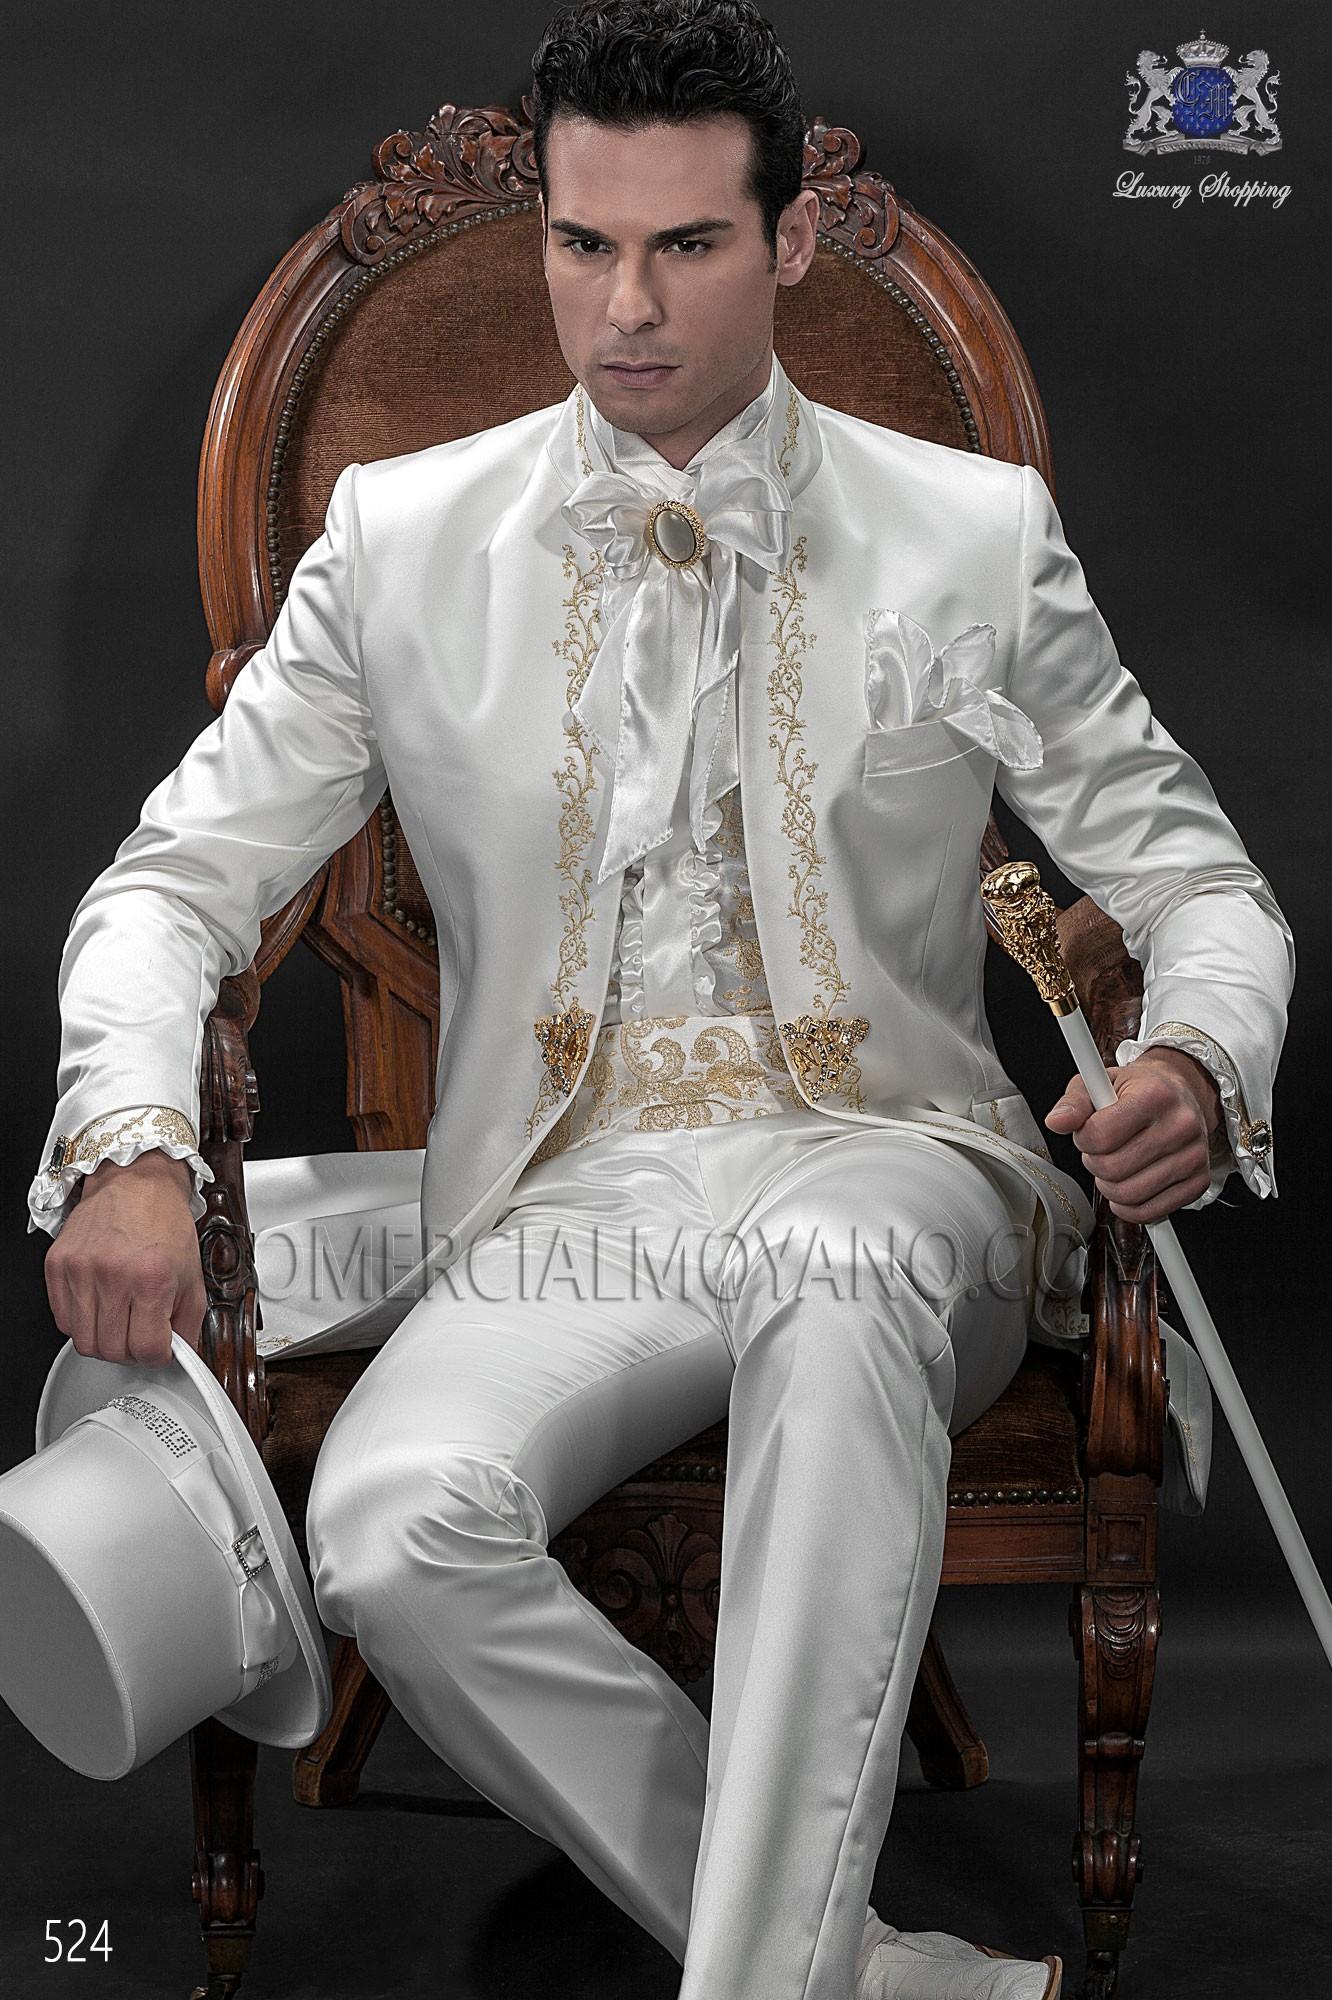 Traje de novio barroco blanco modelo: 524 Ottavio Nuccio Gala colección 2017 Barroco